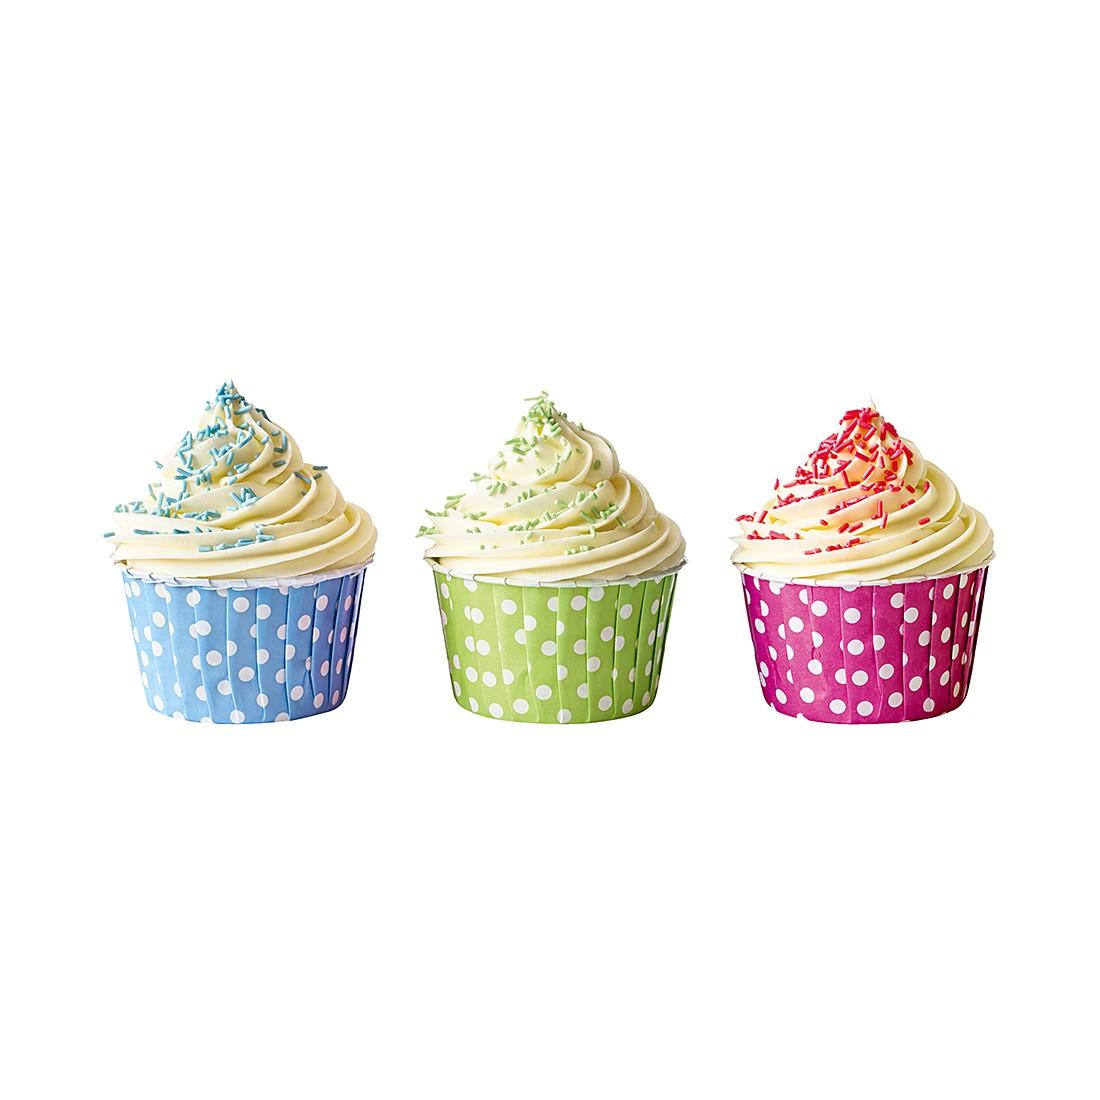 Wandbild Wandbild Cup Cakes, Pro Art